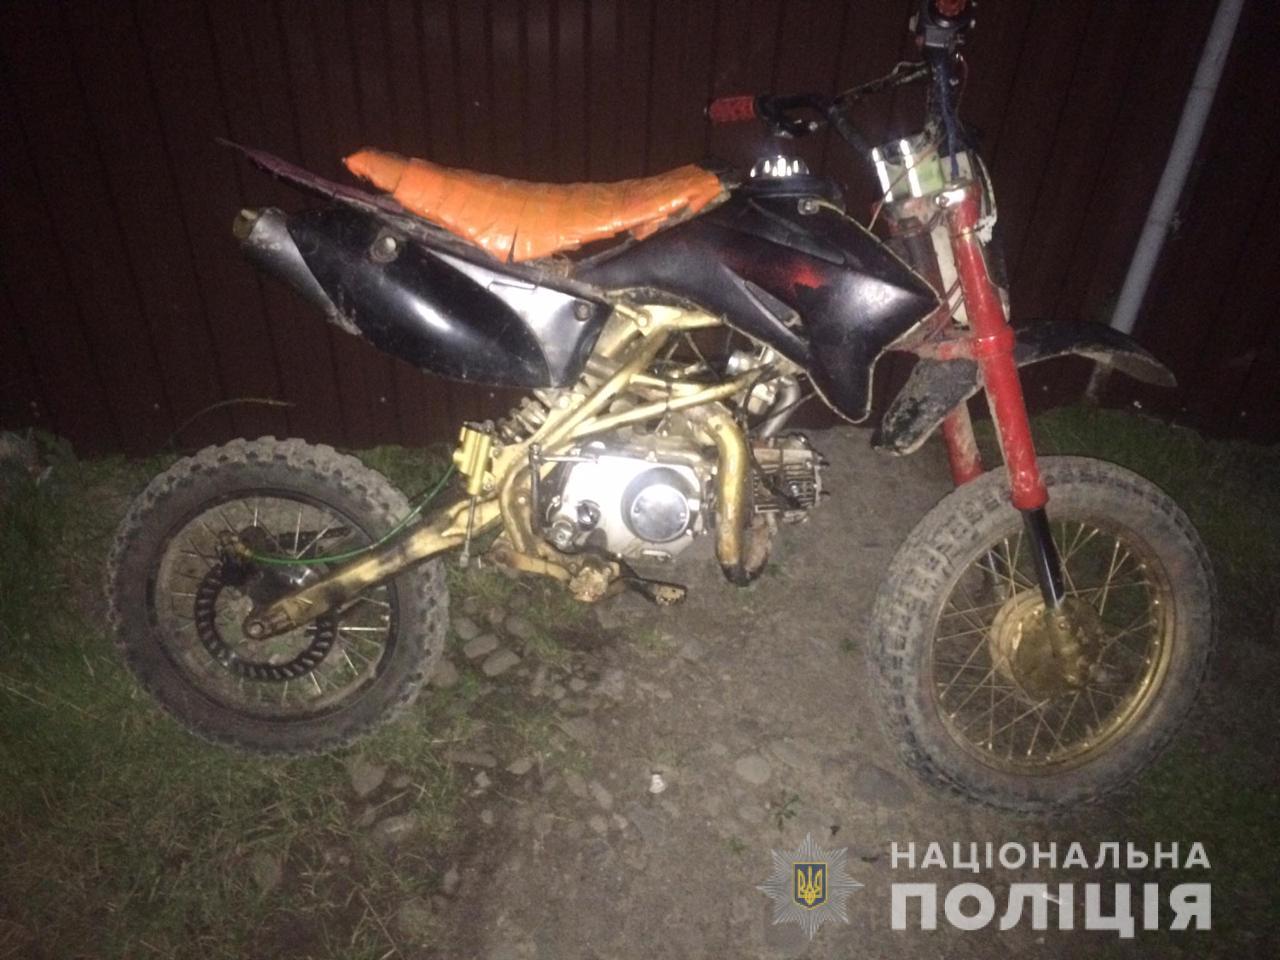 Мотоцикл, який був угнаний від жителя села Калини на Тячівщині, поліцейські повернули господарю.